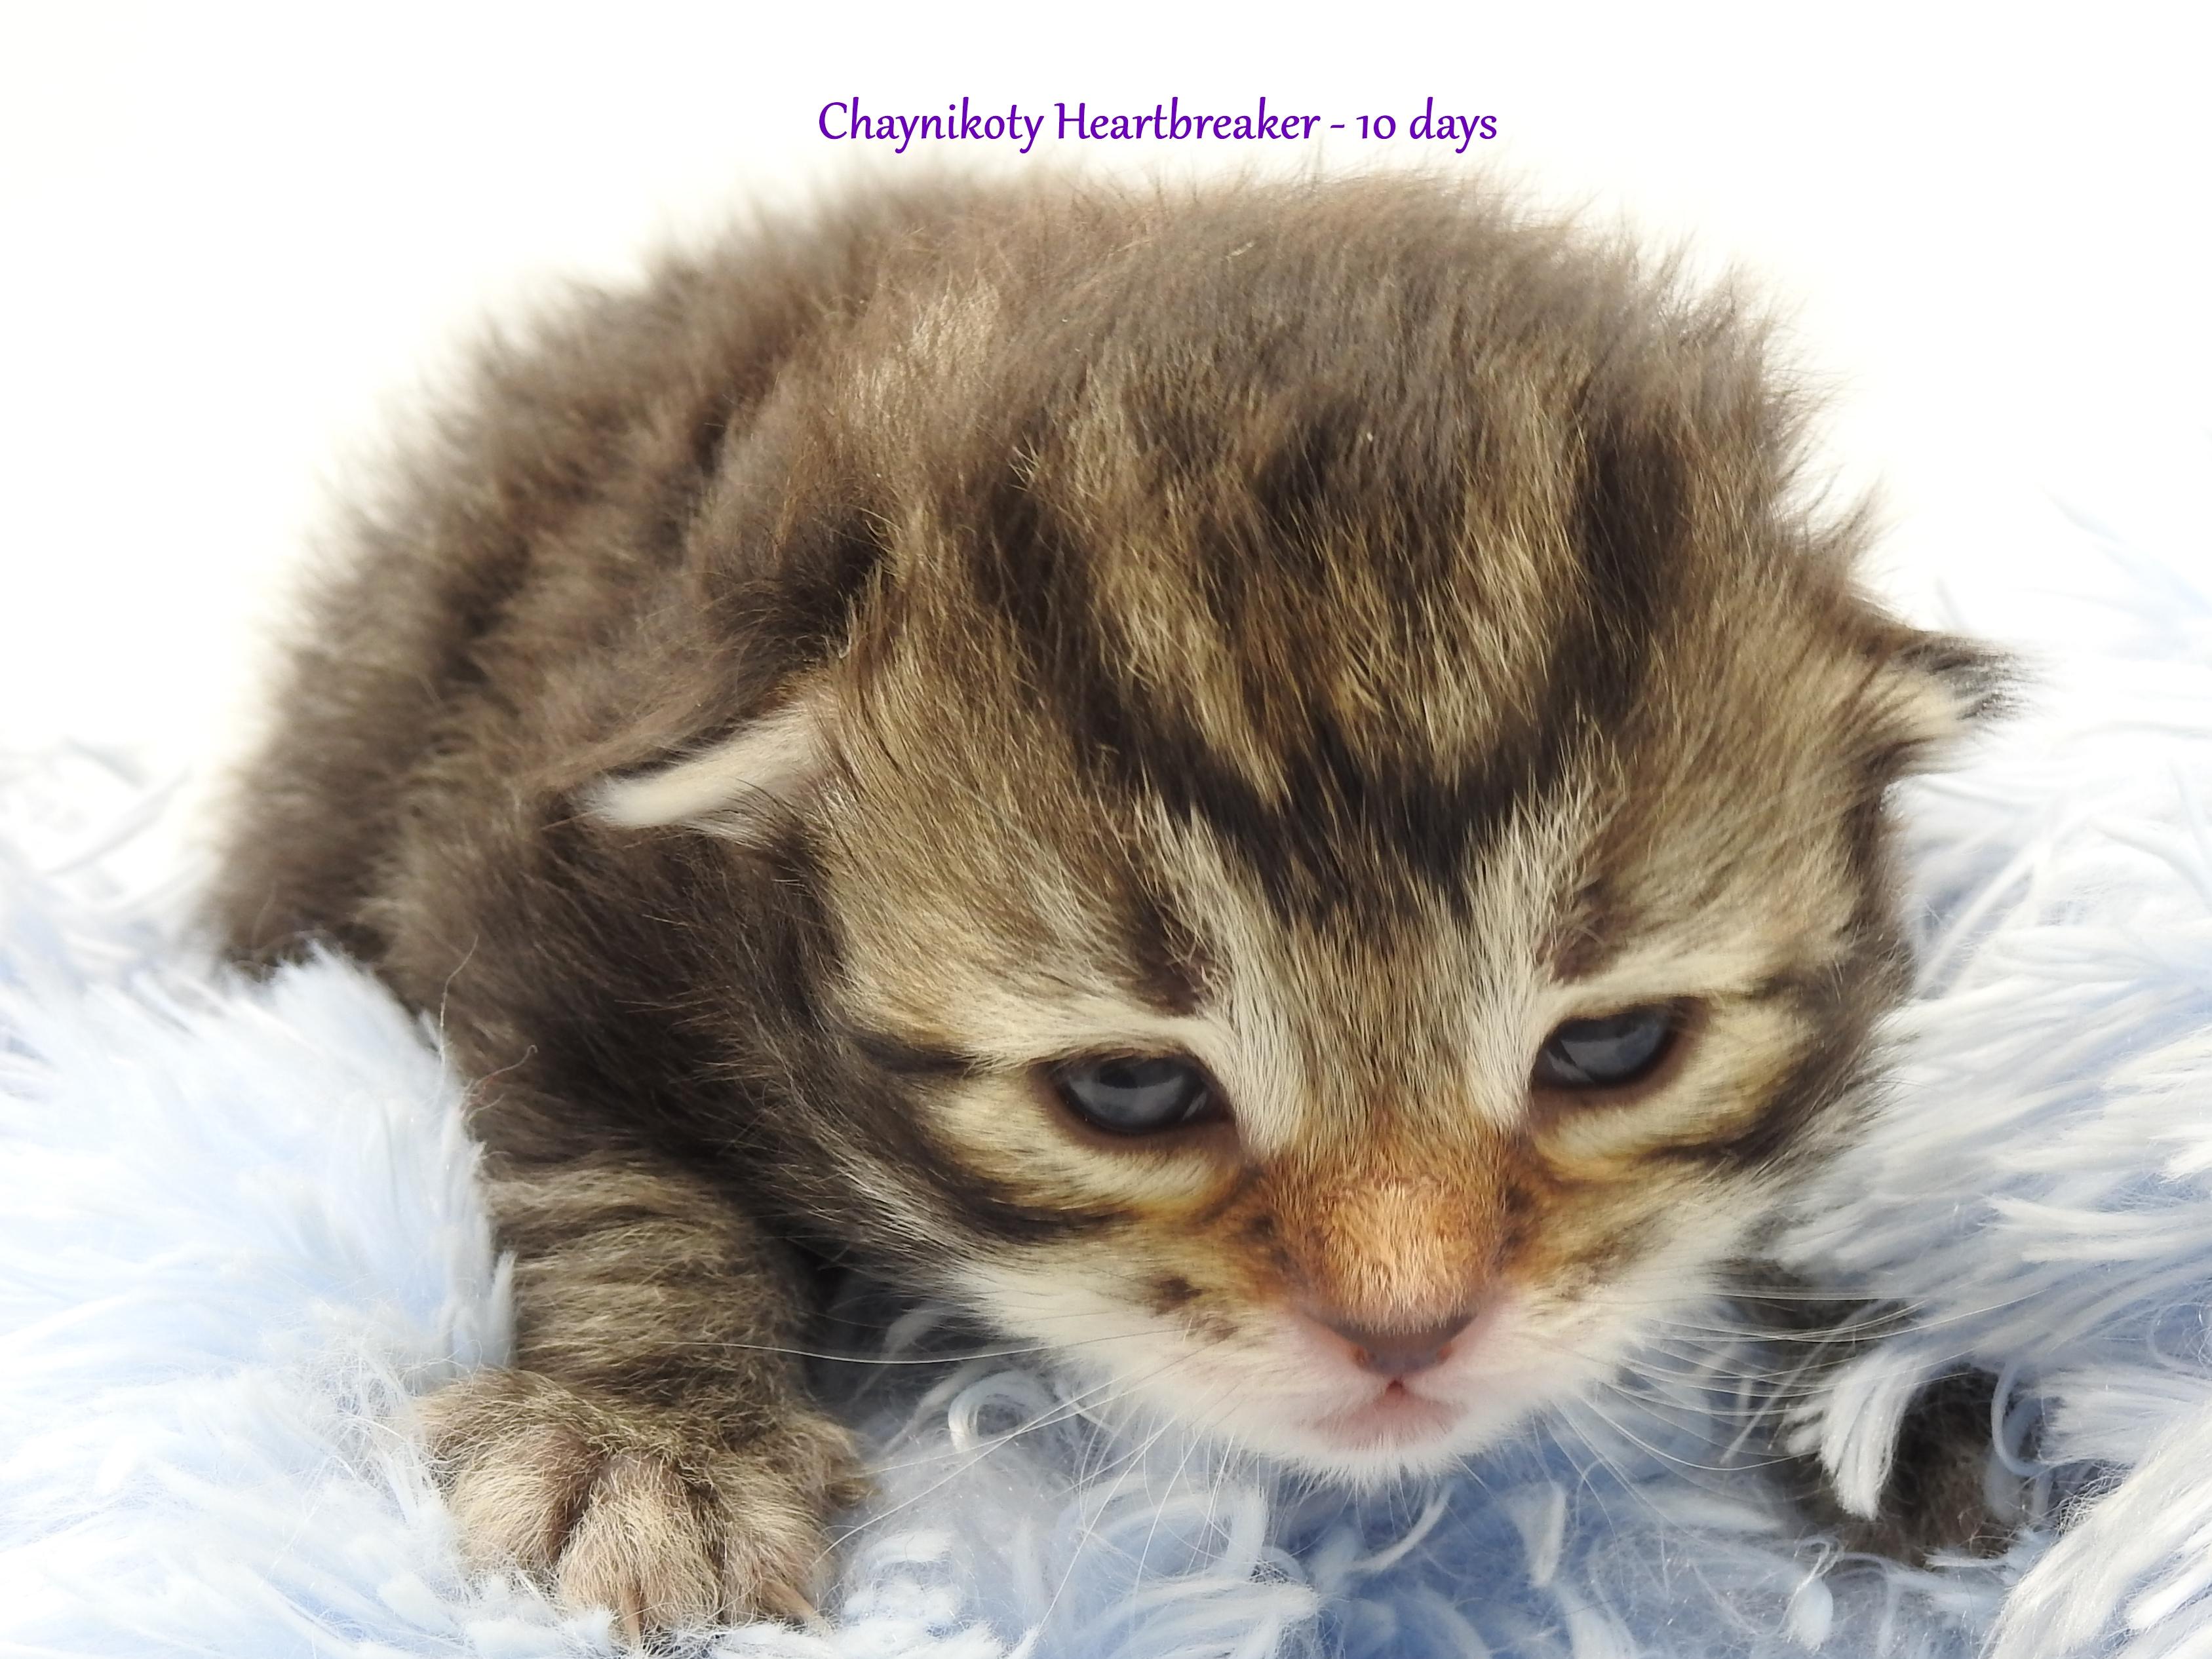 Chaynikoty Heartbreaker